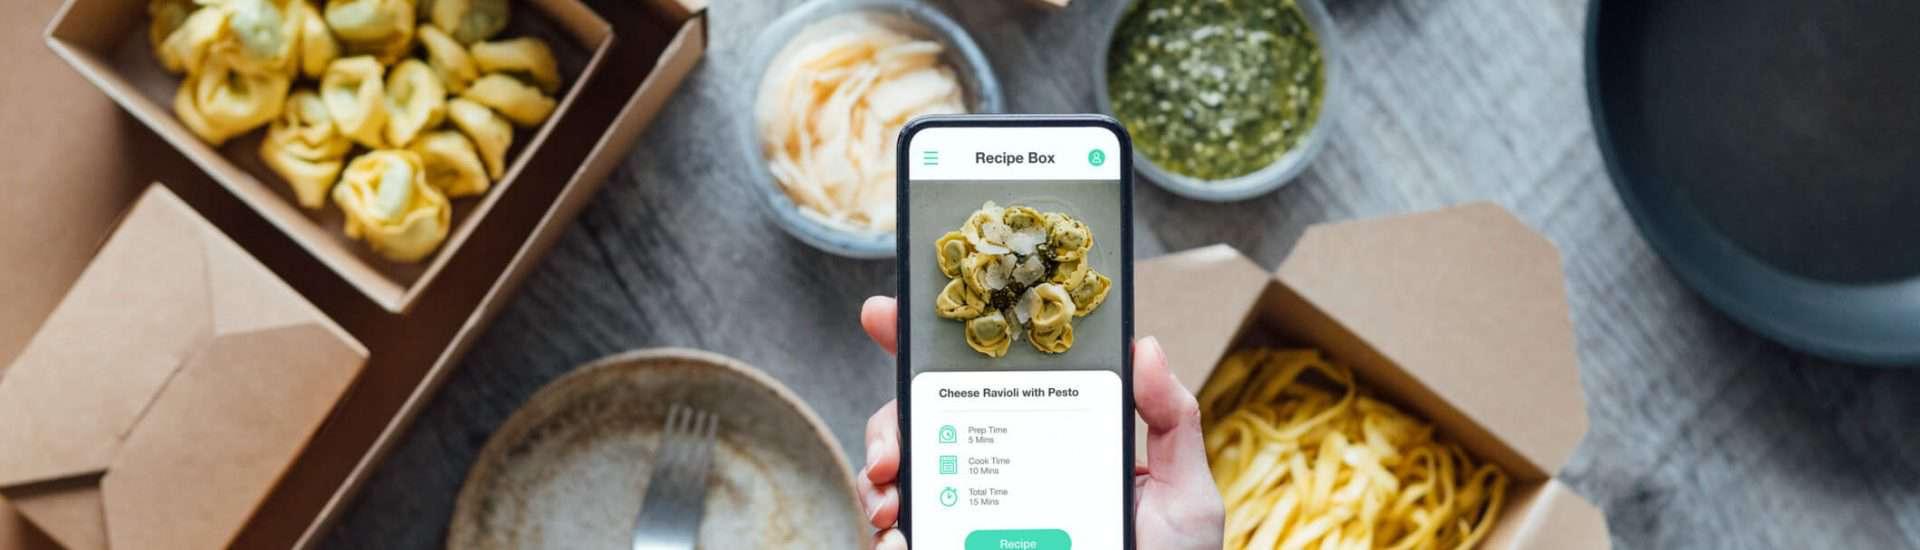 Content ze smakiem, czyli social media w gastronomii cz. 1